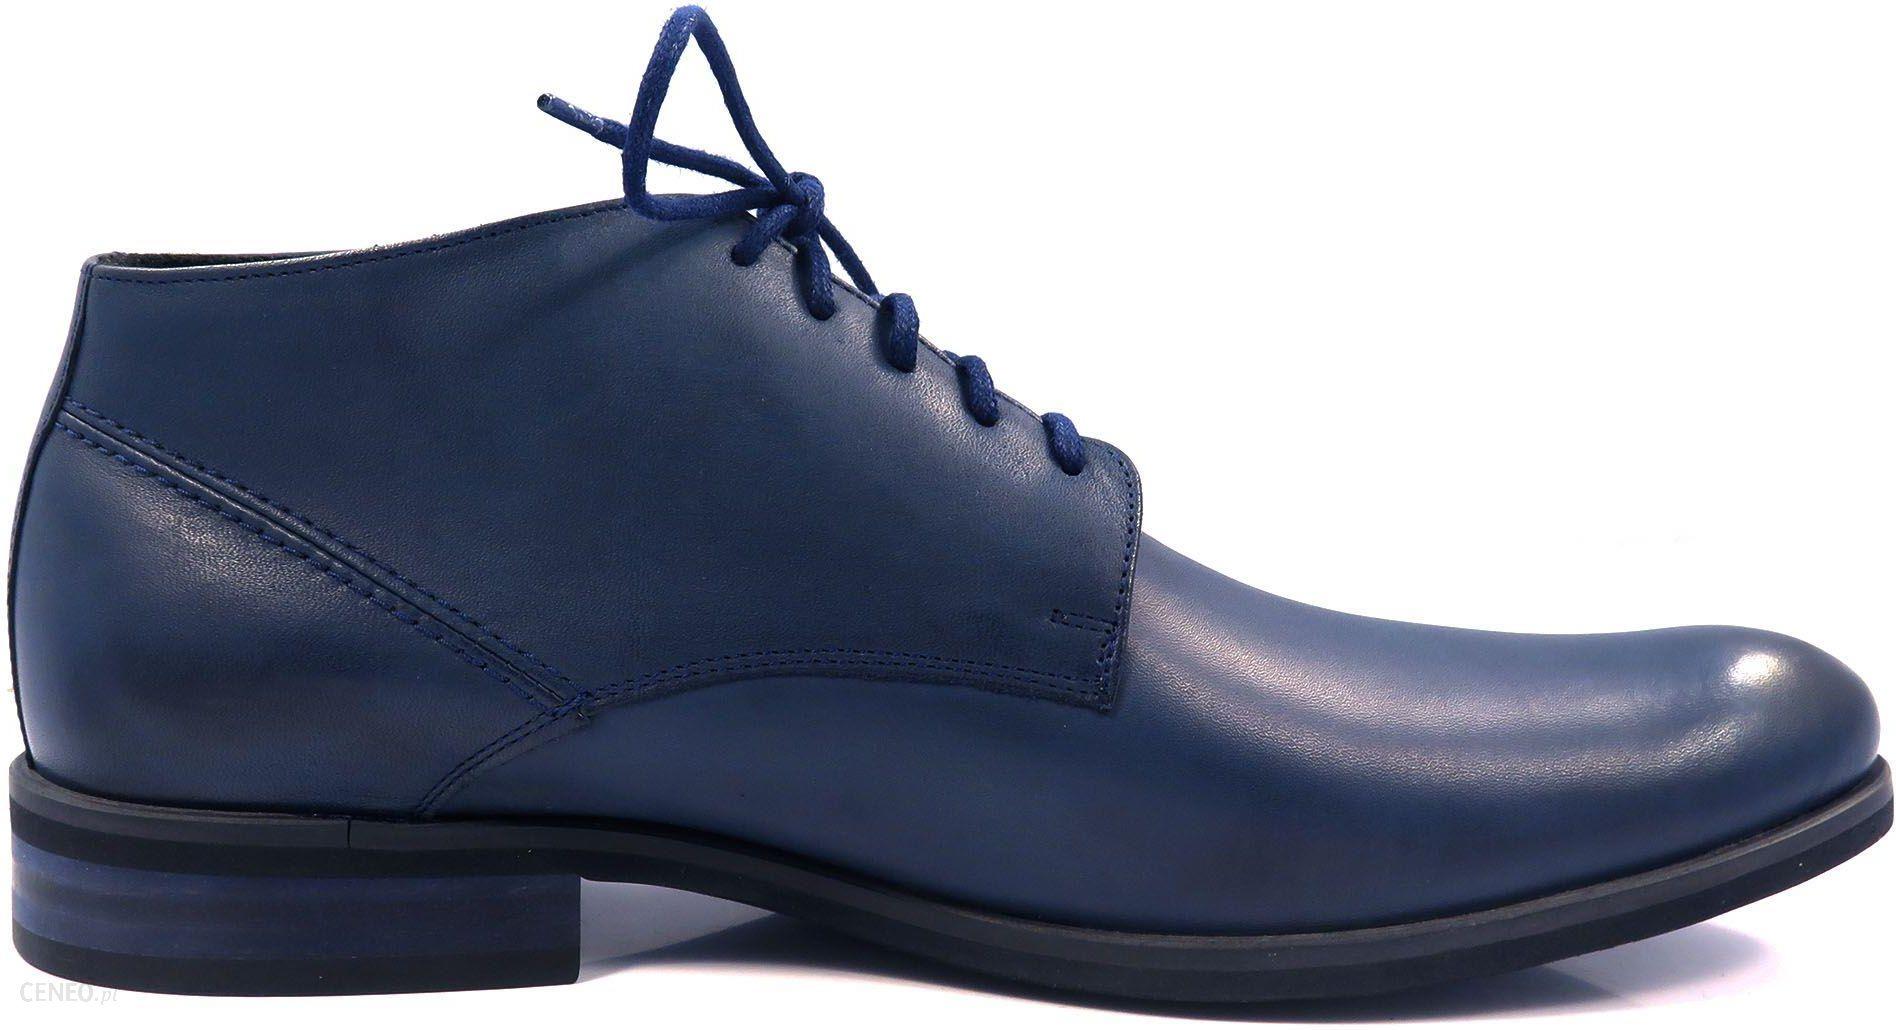 78dec00d Granatowe eleganckie męskie buty zimowe T65 - Ceny i opinie - Ceneo.pl